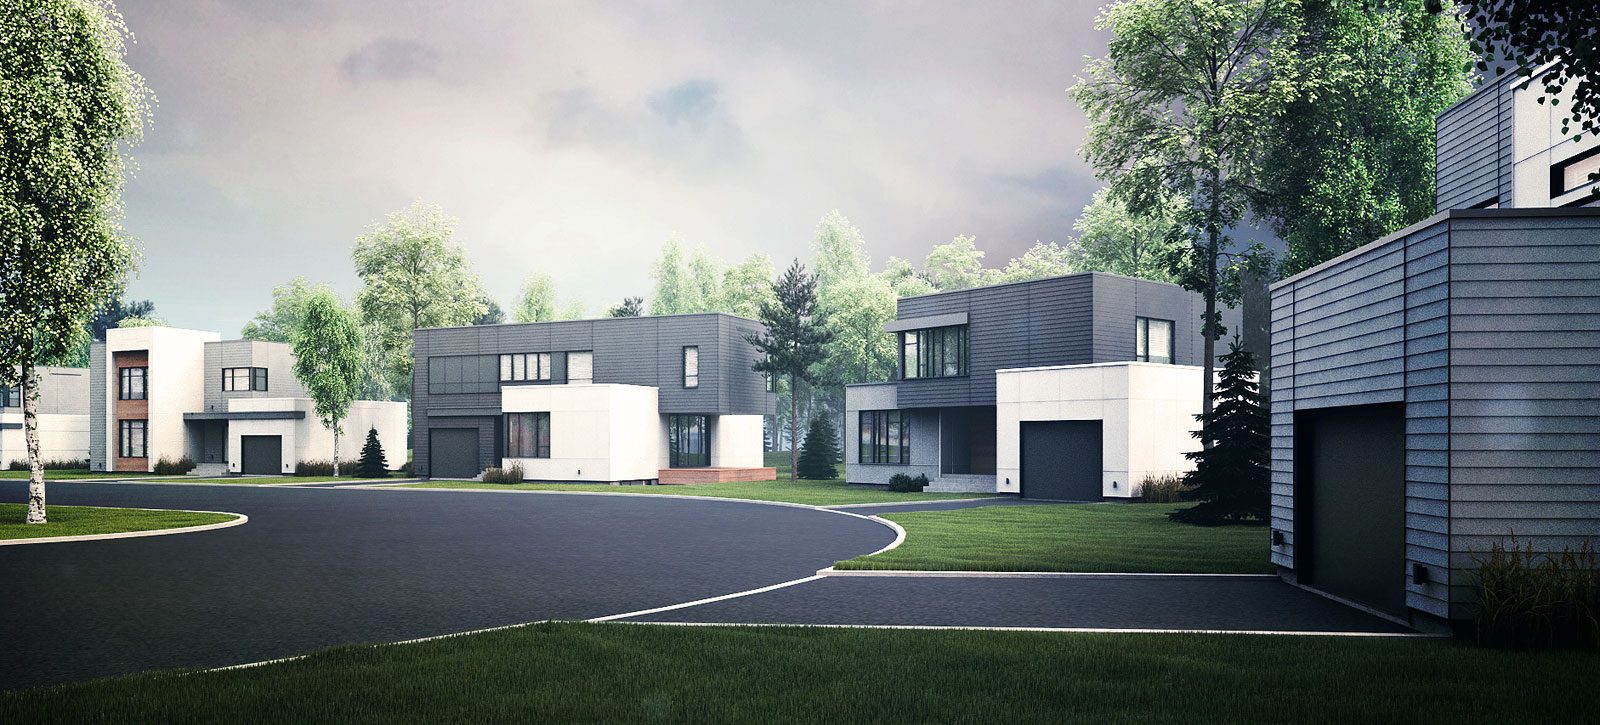 Zone C Nous Vous Proposons Le Premier Projet Veritablement Contemporain A Quebec Avec Architecture Contemporaine Et Modele Cubique